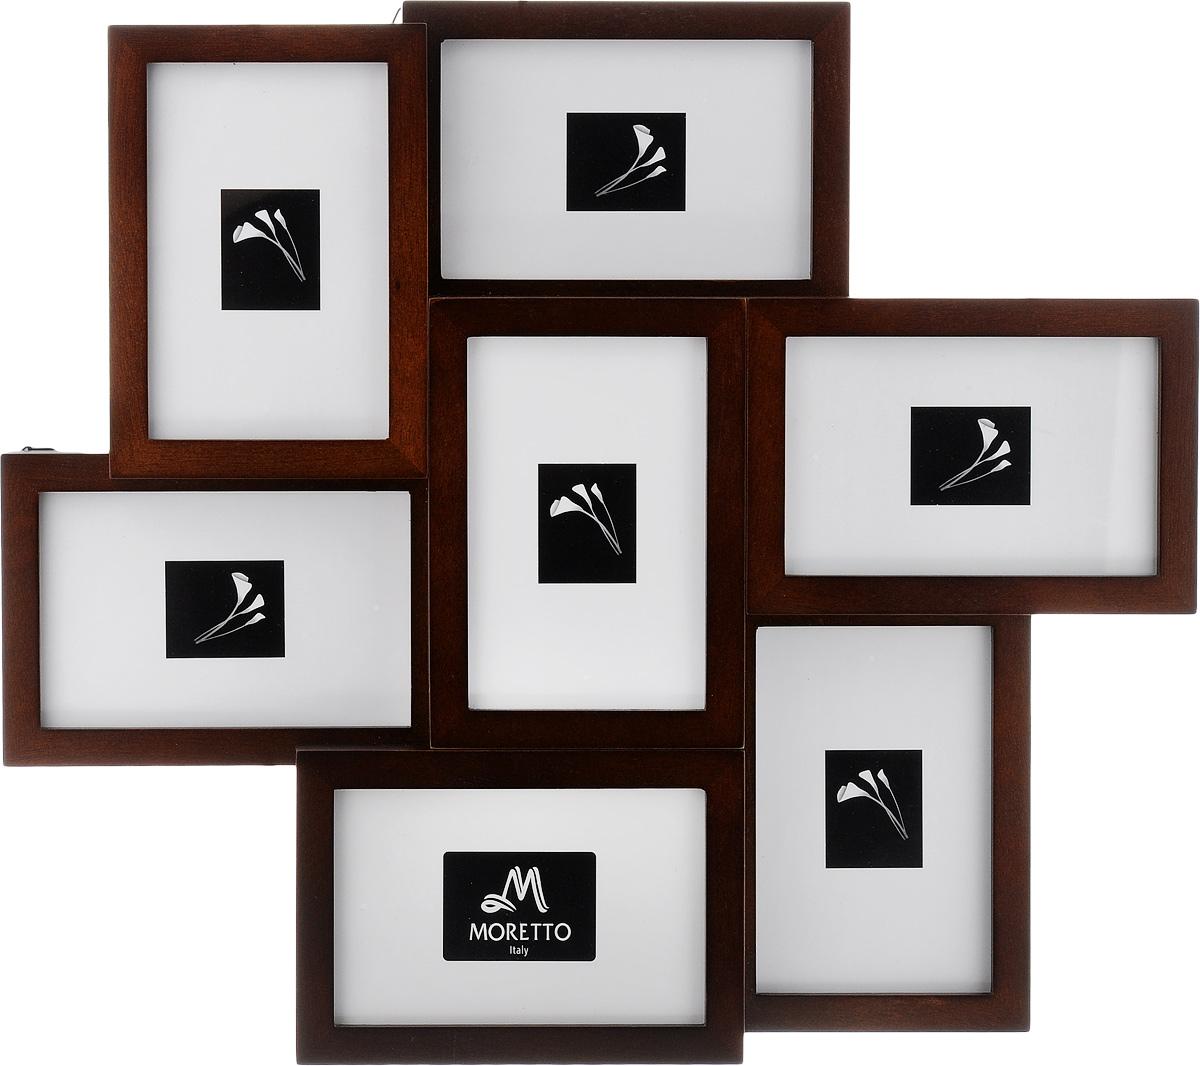 Фоторамка Moretto, на 7 фото 10 х 15 смImage Art PL30-4Фоторамка Moretto - прекрасный способ красиво оформить ваши фотографии. Фоторамка выполнена из дерева и защищена стеклом, предназначена для семи фотографий. Фоторамка-коллаж представляет собой семь фоторамок для фото одного размера оригинально соединенных между собой. Такая фоторамка поможет сохранить в памяти самые яркие моменты вашей жизни, а стильный дизайн сделает ее прекрасным дополнением интерьера комнаты.Размеры фоторамок:- 7 фоторамок 12 х 17 см для фото 10 х 15 см.Общий размер фоторамки (по самой широкой части): 46 х 41 см